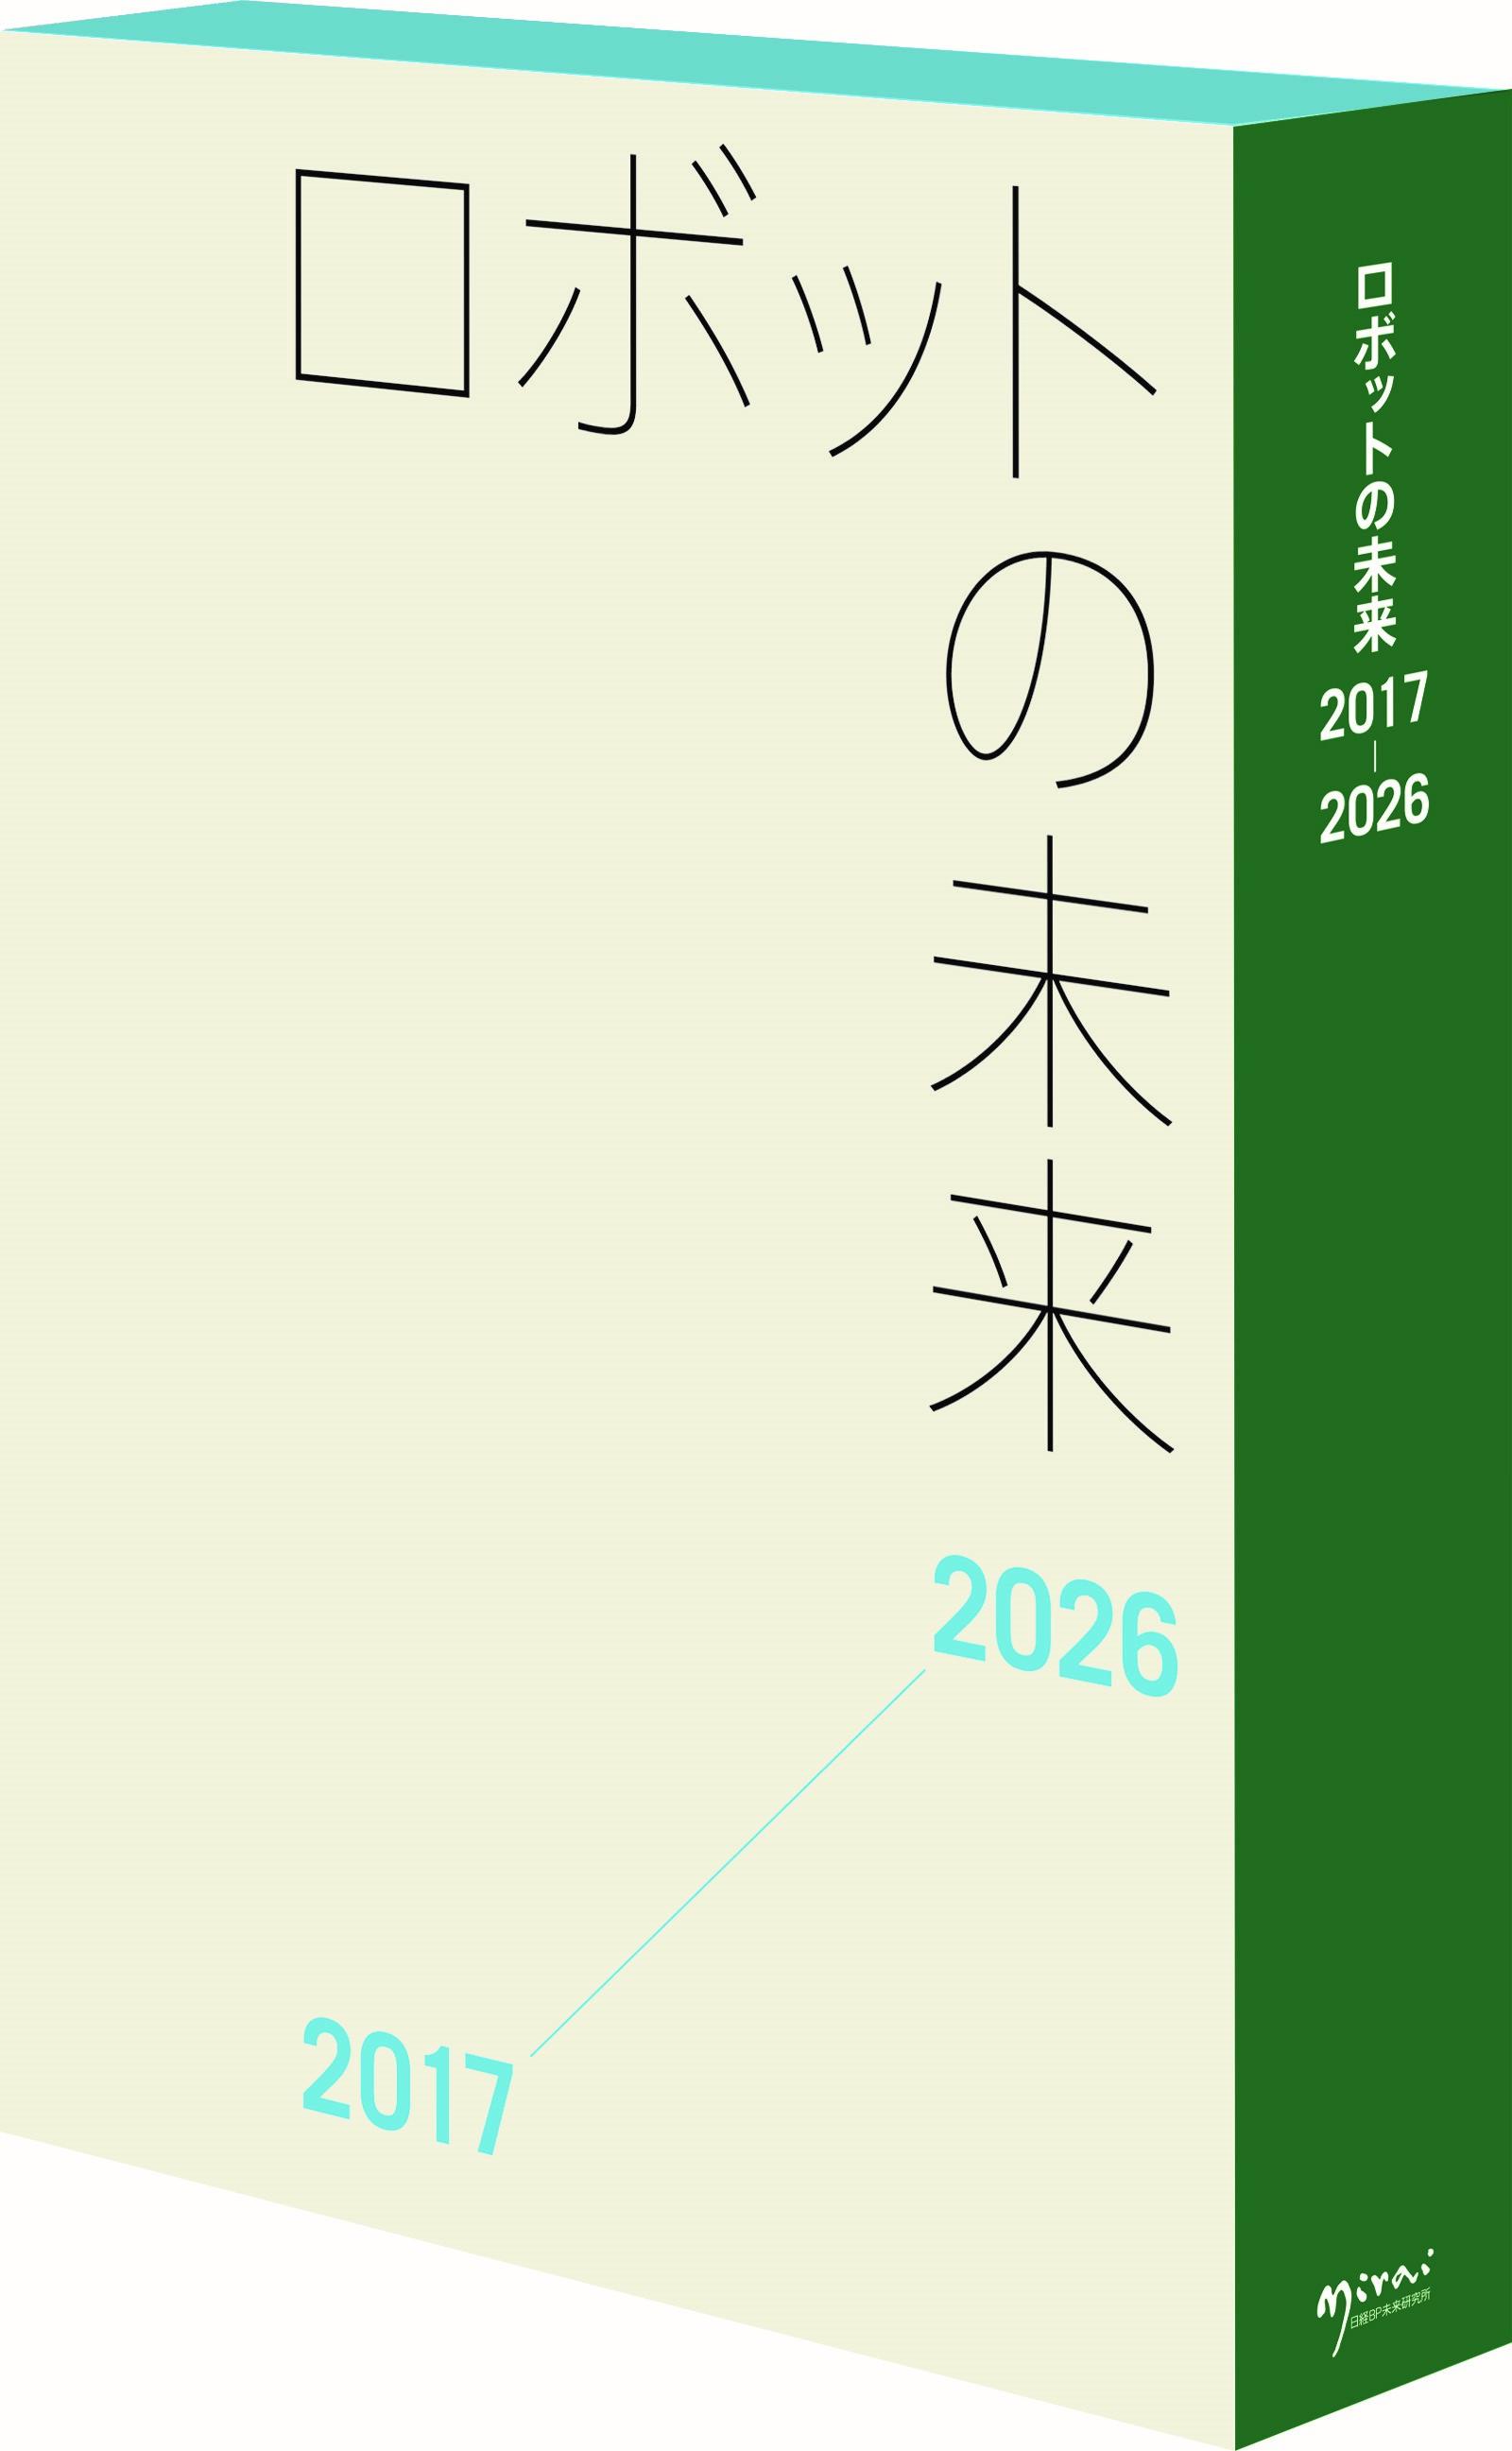 ロボットの未来2017-2026